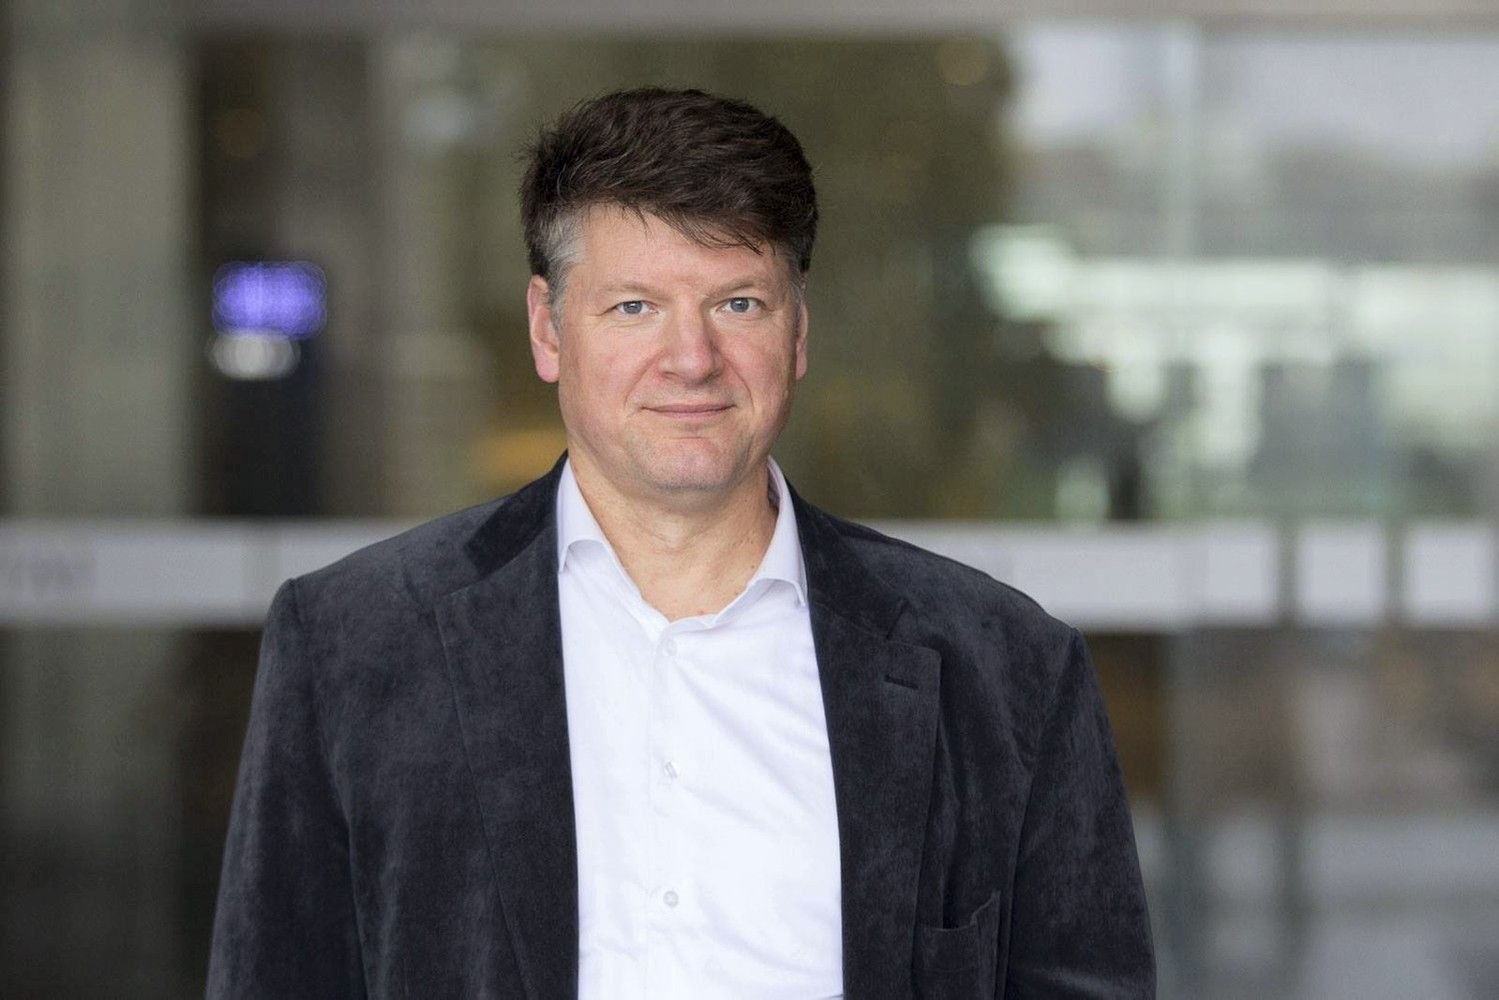 Lietuvos ir Suomijos startuolių ekosistemų palyginimas